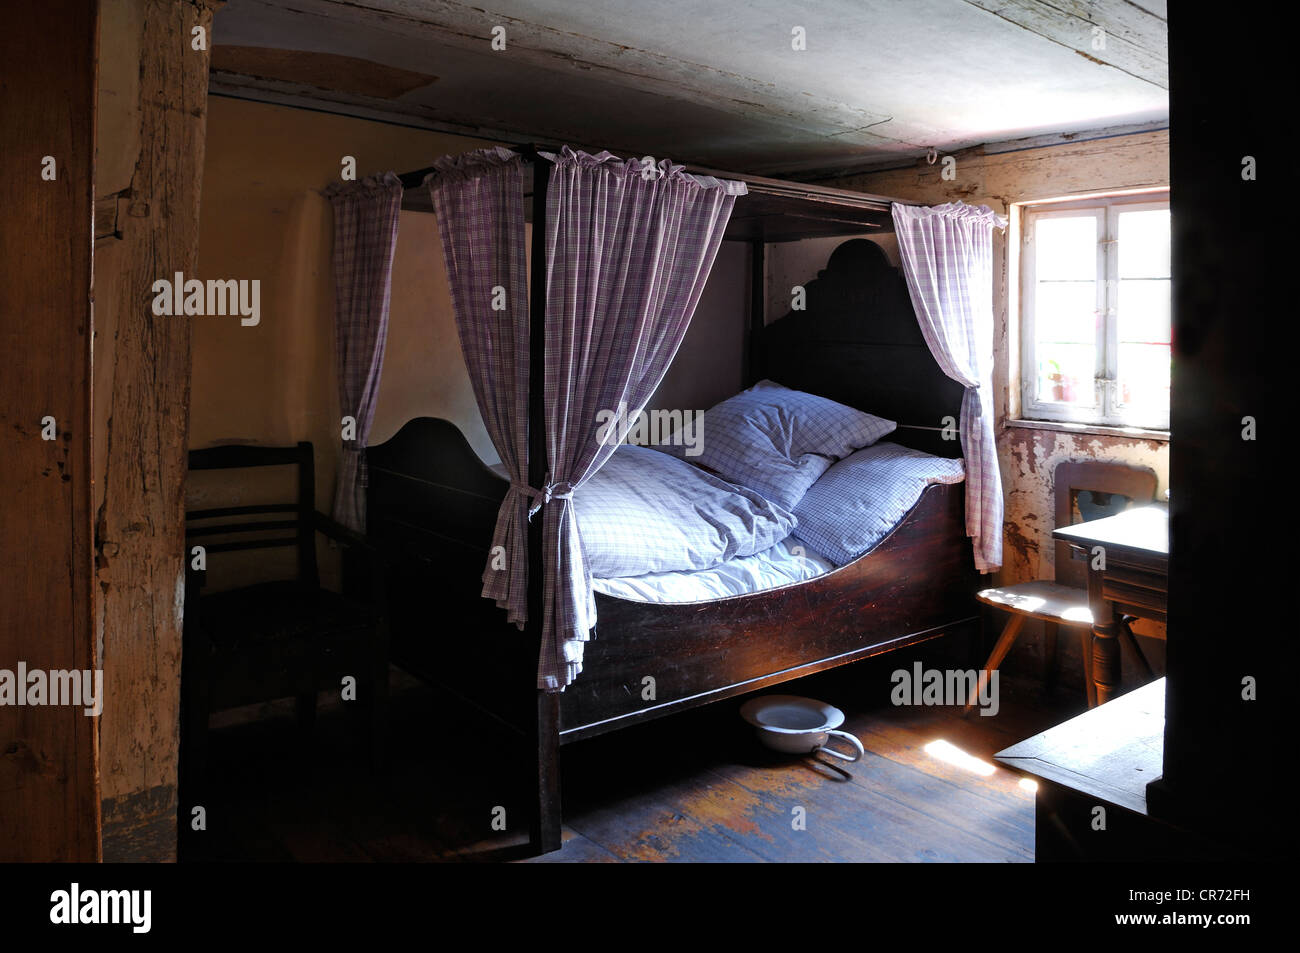 Schlafzimmer Bilder Um 1900 #23: Schlafzimmer Um 1900 ...